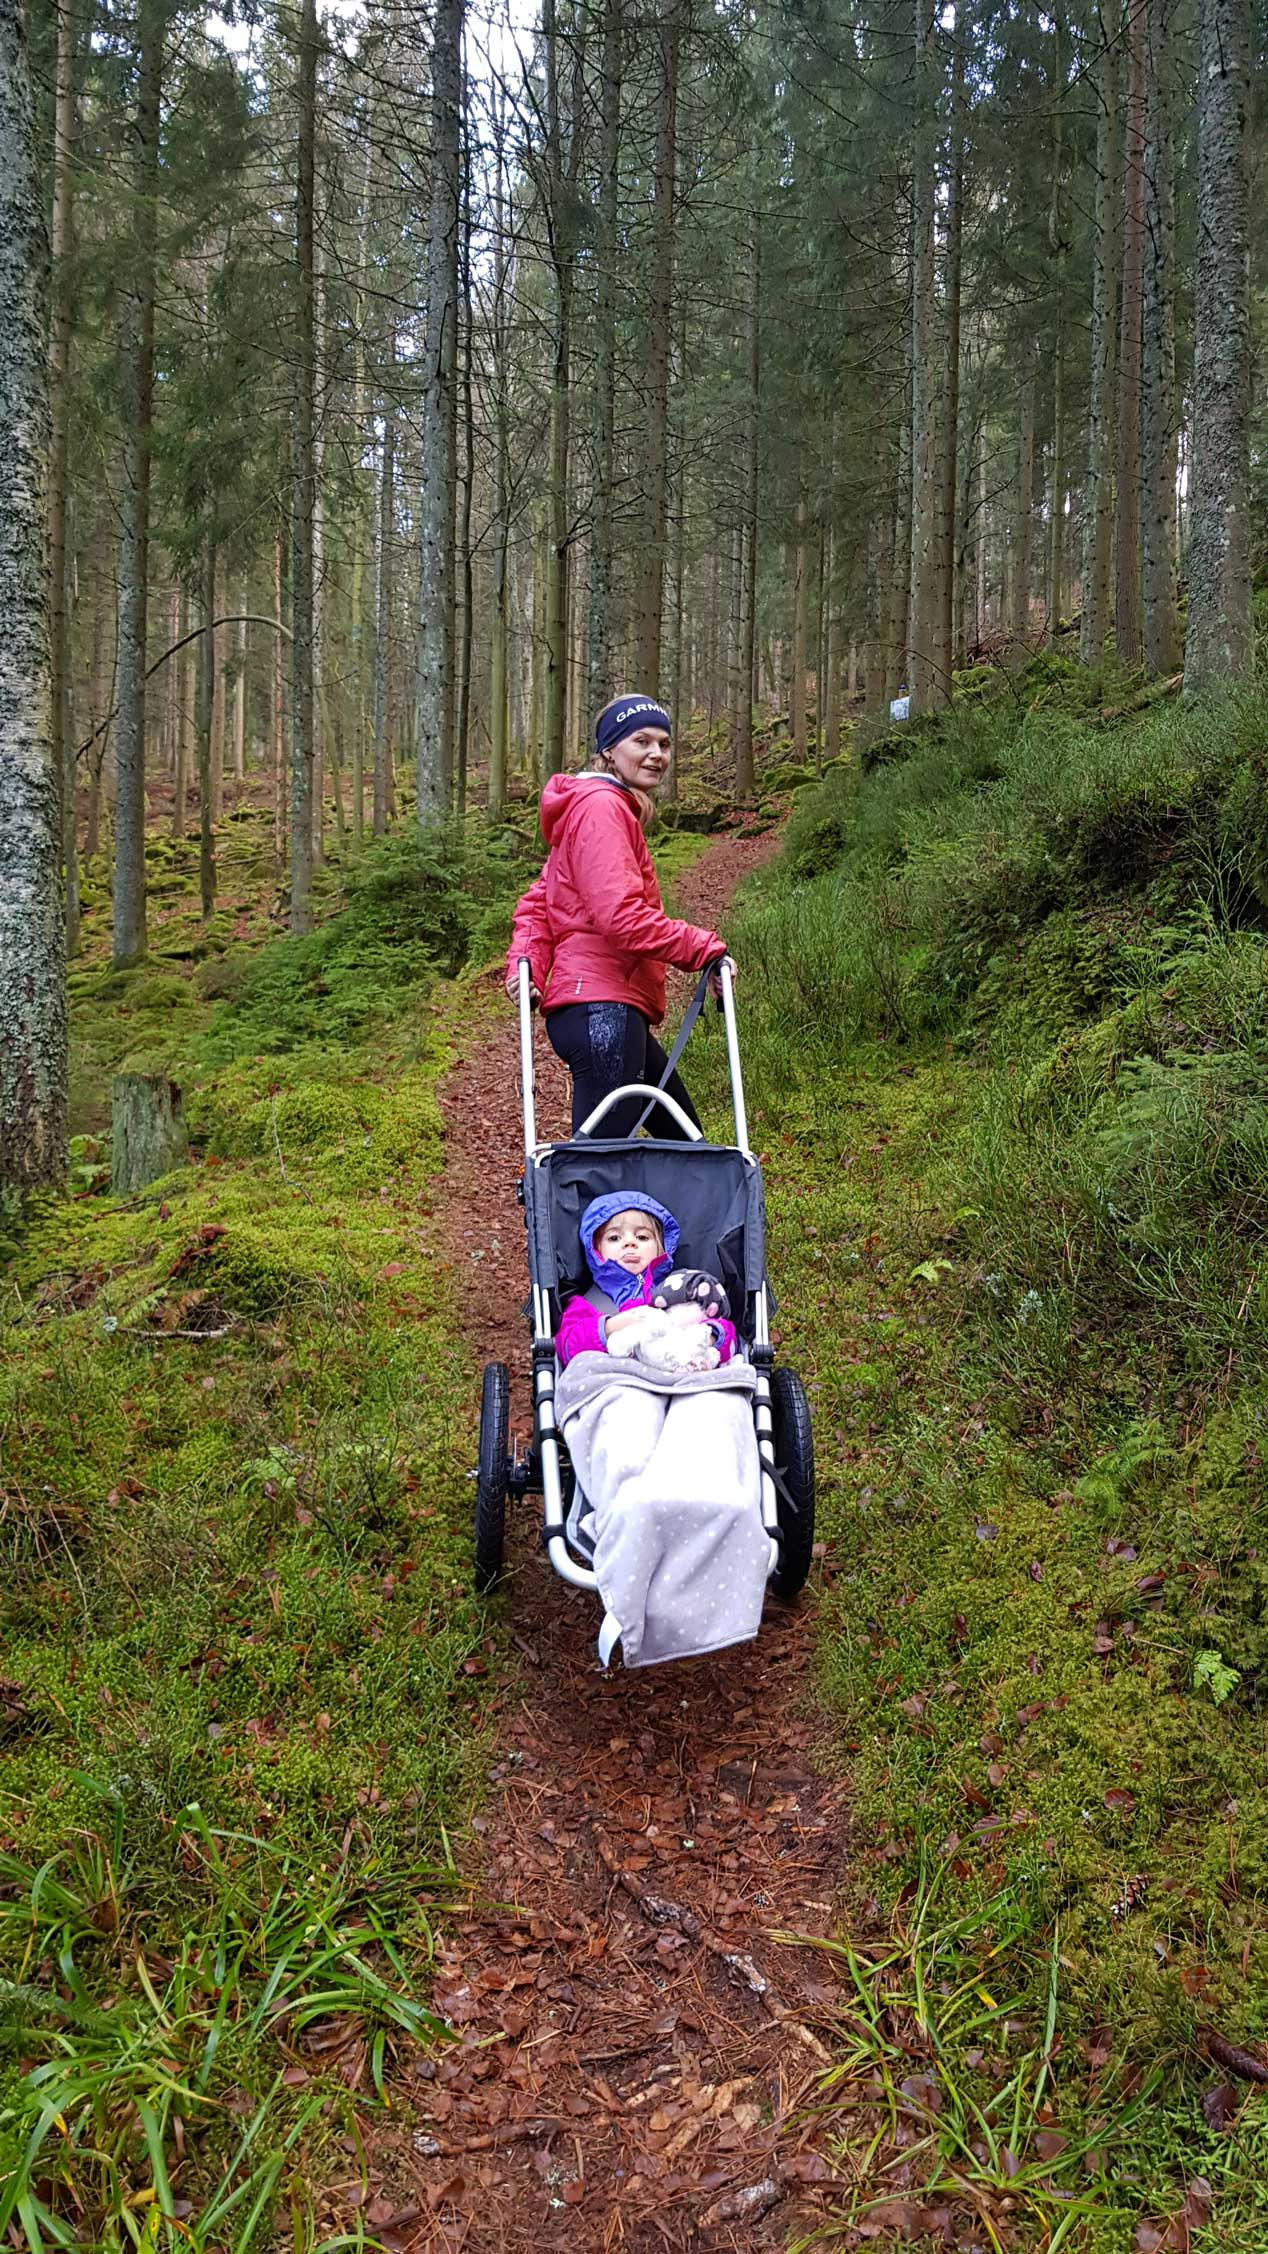 outdoor-kinderwagen-wald-weg